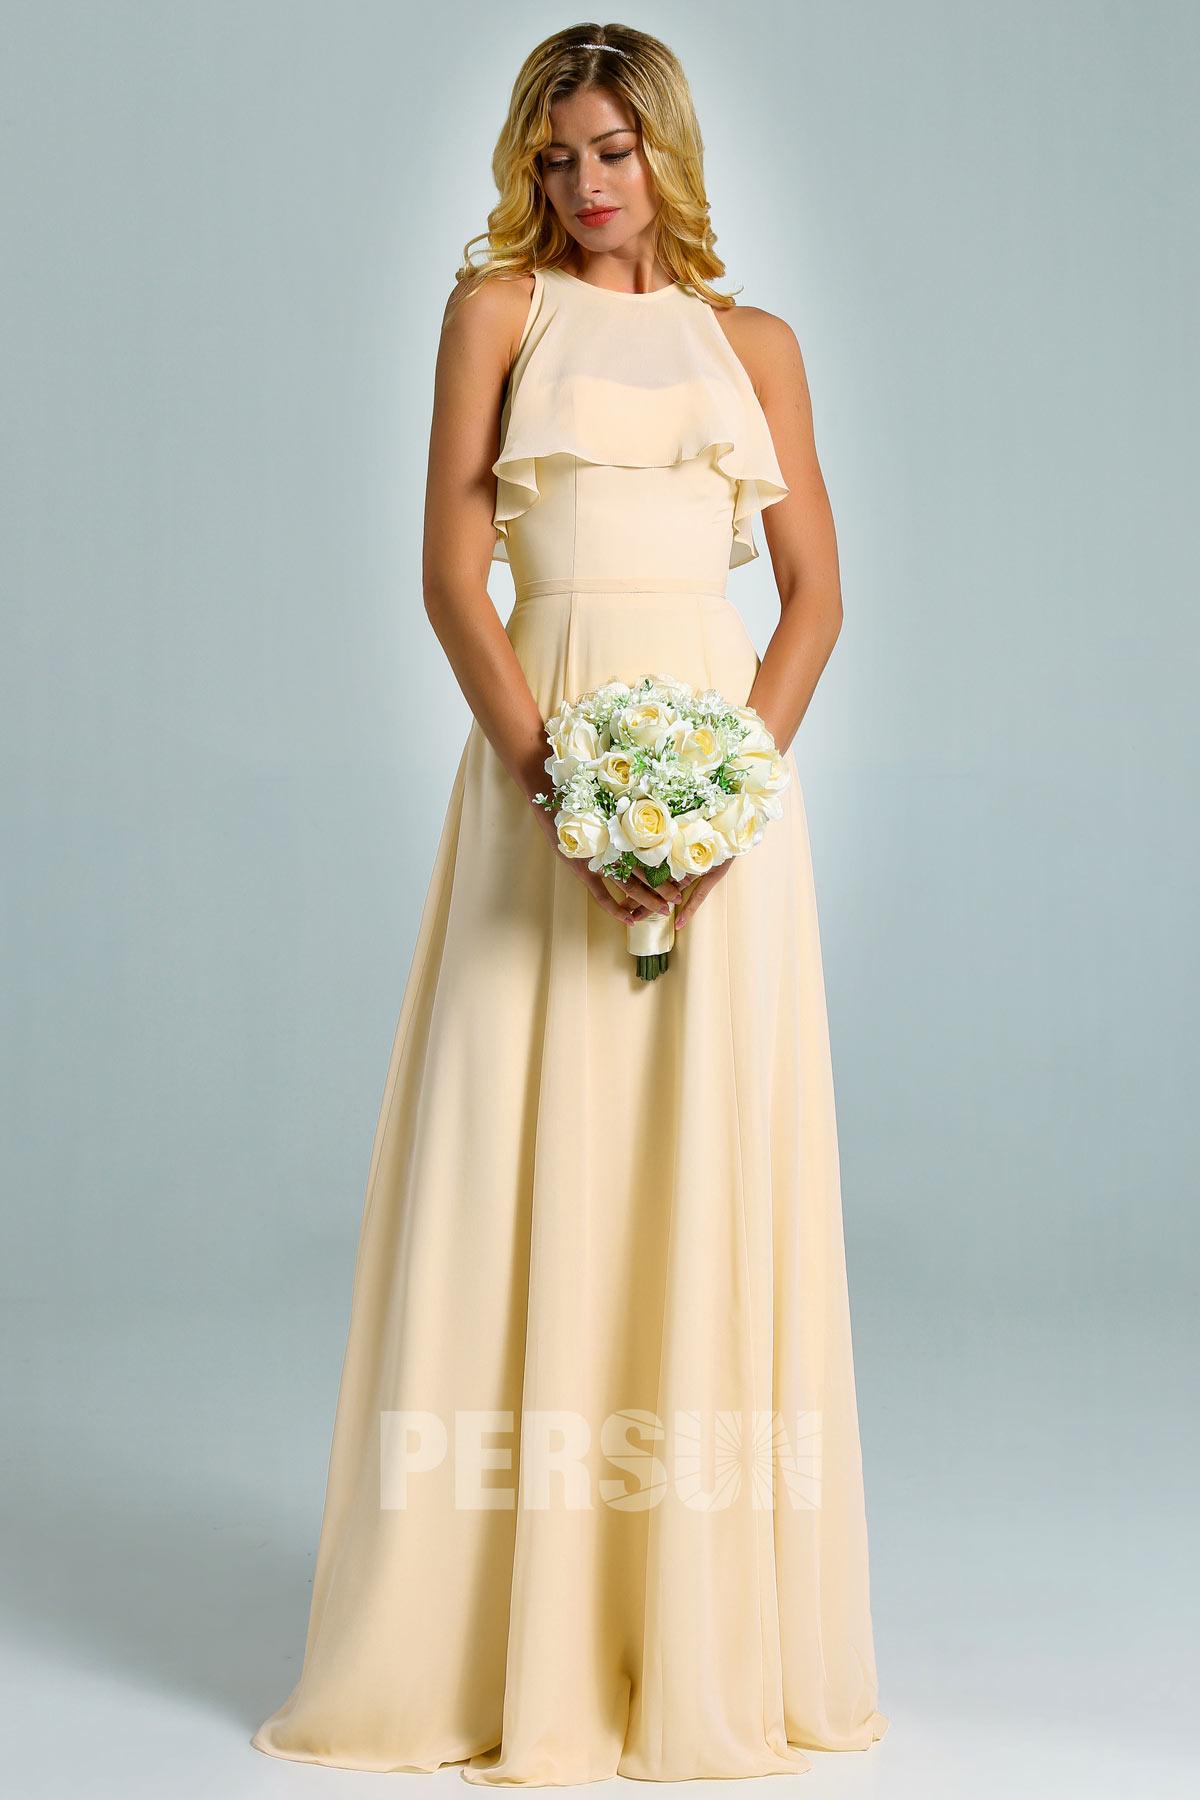 robe demoiselle d'honneur longue jaune simple bustier à volant